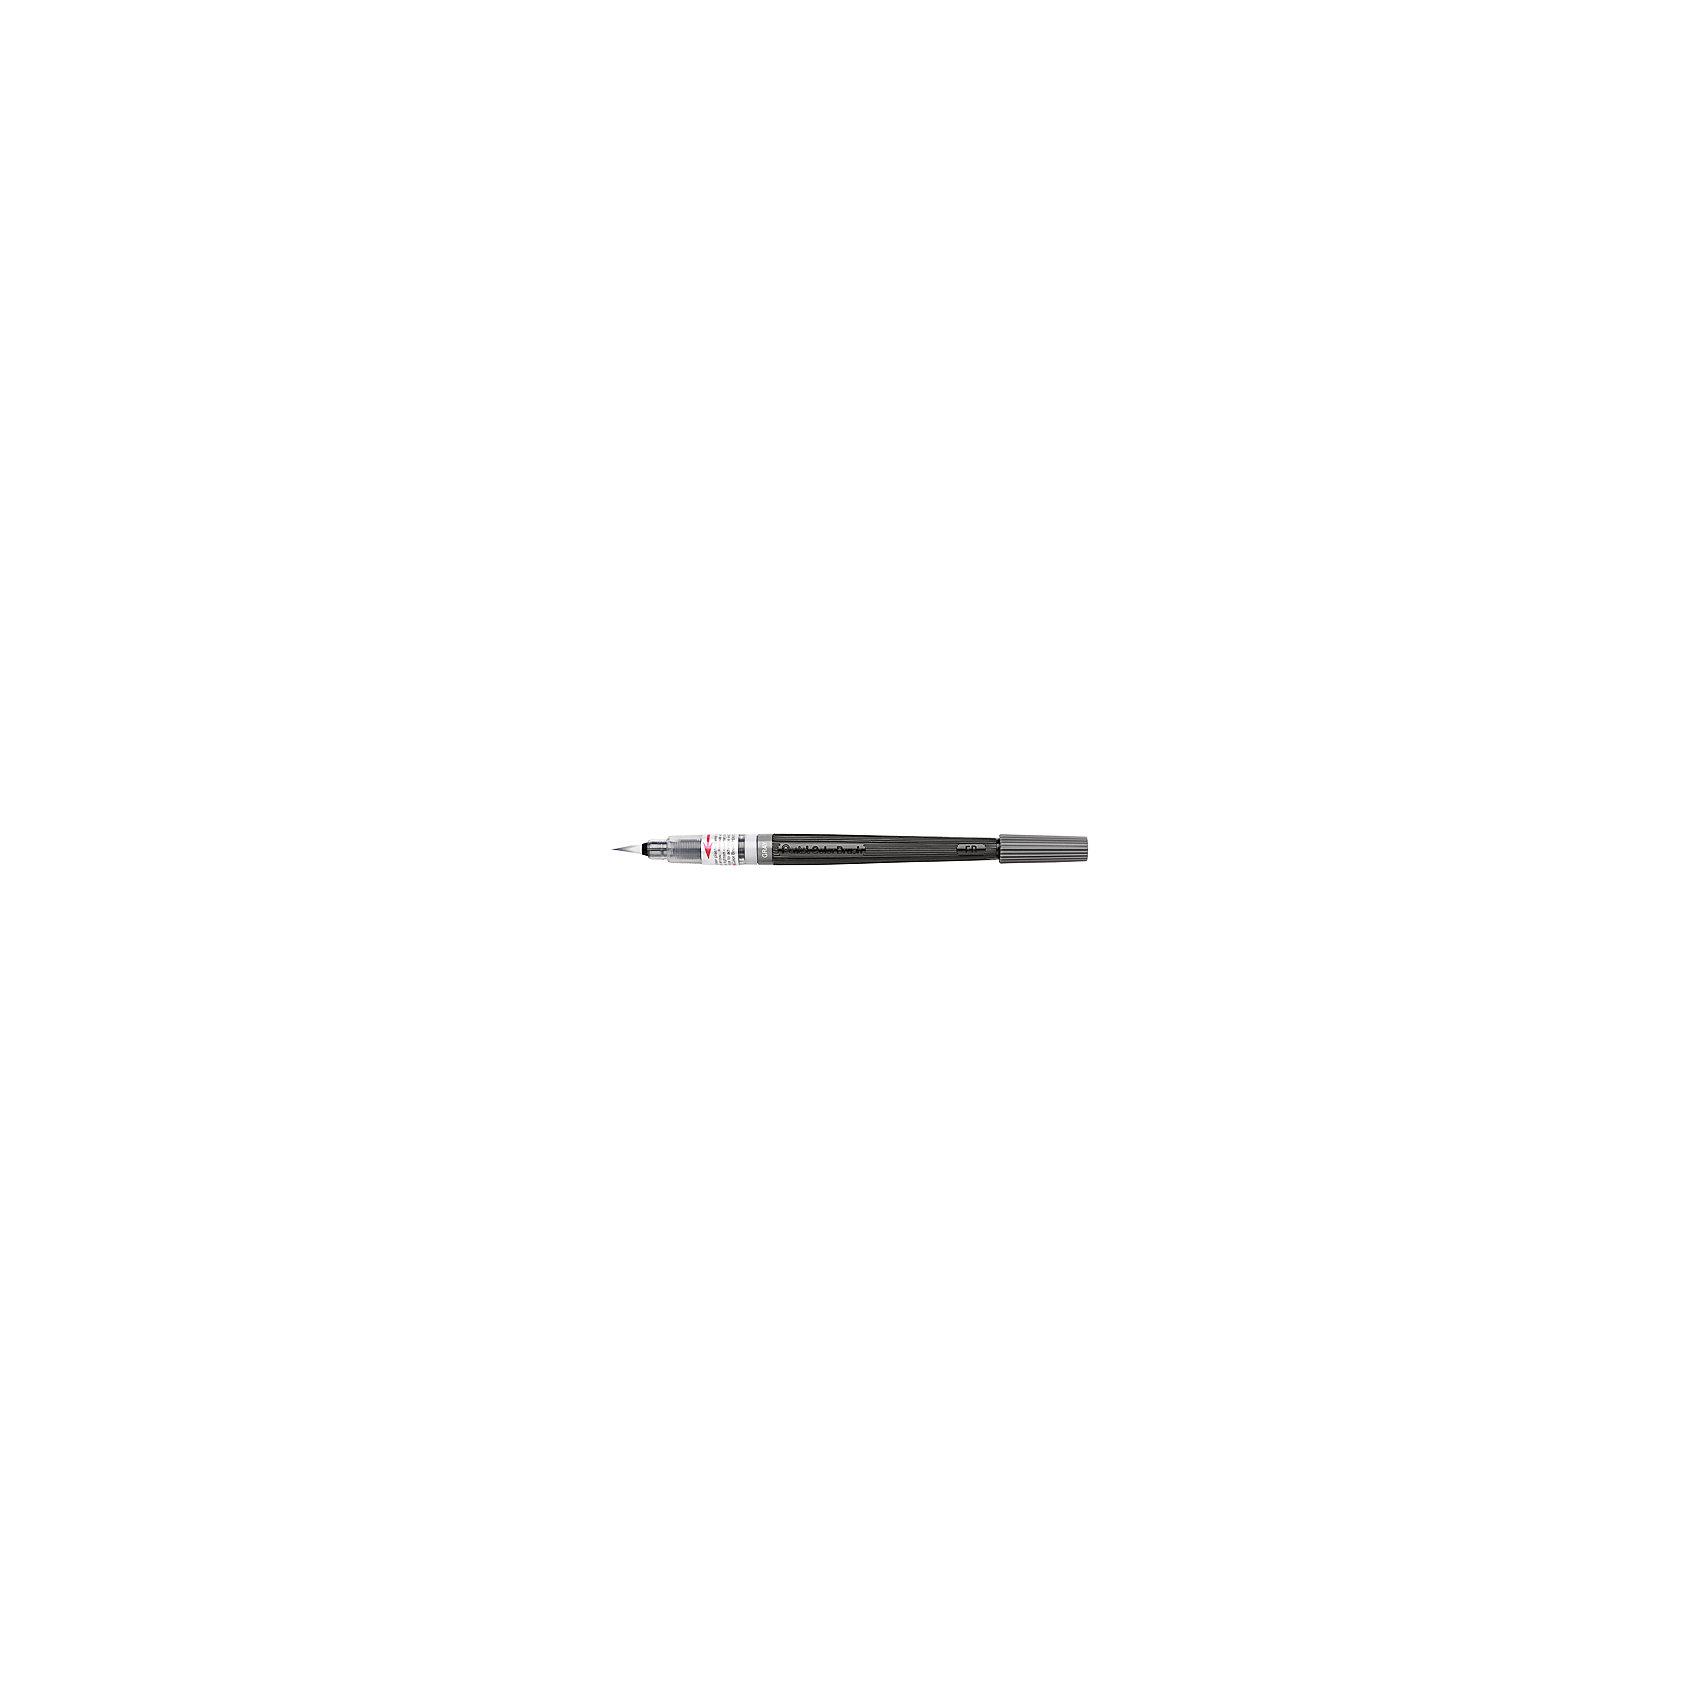 Кисть с краской Colour Brush в блистере,серый цвет PentelКраски и кисточки<br>Характеристики:<br><br>• возраст: от 6 лет<br>• цвет краски: серый<br>• объем резервуара с краской: 5 мл.<br>• длина кисти: 18 см.<br>• длина письма: 150 м.<br>• материал кисти: нейлон<br>• материал корпуса: пластик<br>• упаковка: блистер<br><br>Кисть «Color Brush» - это современный инструмент для рисования в технике акварели. Кисть уже полностью готова к использованию и вам не понадобится дополнительных приспособлений. Снимите колпачок, надавите на корпус и начинайте творить.<br><br>Уникальная система подачи чернил на кисть по спирали делает кисть еще и экономичной моделью. Кисть изготовлена из высококачественного нейлона, что позволяет рисовать как очень тонкие линии от 1 мм, так и создавать широкие мазки до 10 мм, что часто необходимо для закрашивания больших поверхностей.<br><br>Краска на водной основе имеет яркий и насыщенный цвет, хорошо ложится на бумагу и быстро сохнет. При добавлении воды цвет становится намного нежнее и появляется мягкость и тонкость переходов цвета. <br><br>Резервуар кисти герметично прилегает к наконечнику, а защитный колпачок позволяет брать кисть с собой куда угодно, положив в сумку или в карман.<br><br>Кисть «Color Brush» является многоразовой - просто поменяйте пустой резервуар на новый сменный картридж.<br><br>Кисть с краской Colour Brush в блистере,серый цвет Pentel (Пентел) можно купить в нашем интернет-магазине.<br><br>Ширина мм: 10<br>Глубина мм: 10<br>Высота мм: 220<br>Вес г: 11<br>Возраст от месяцев: 72<br>Возраст до месяцев: 2147483647<br>Пол: Унисекс<br>Возраст: Детский<br>SKU: 7010458